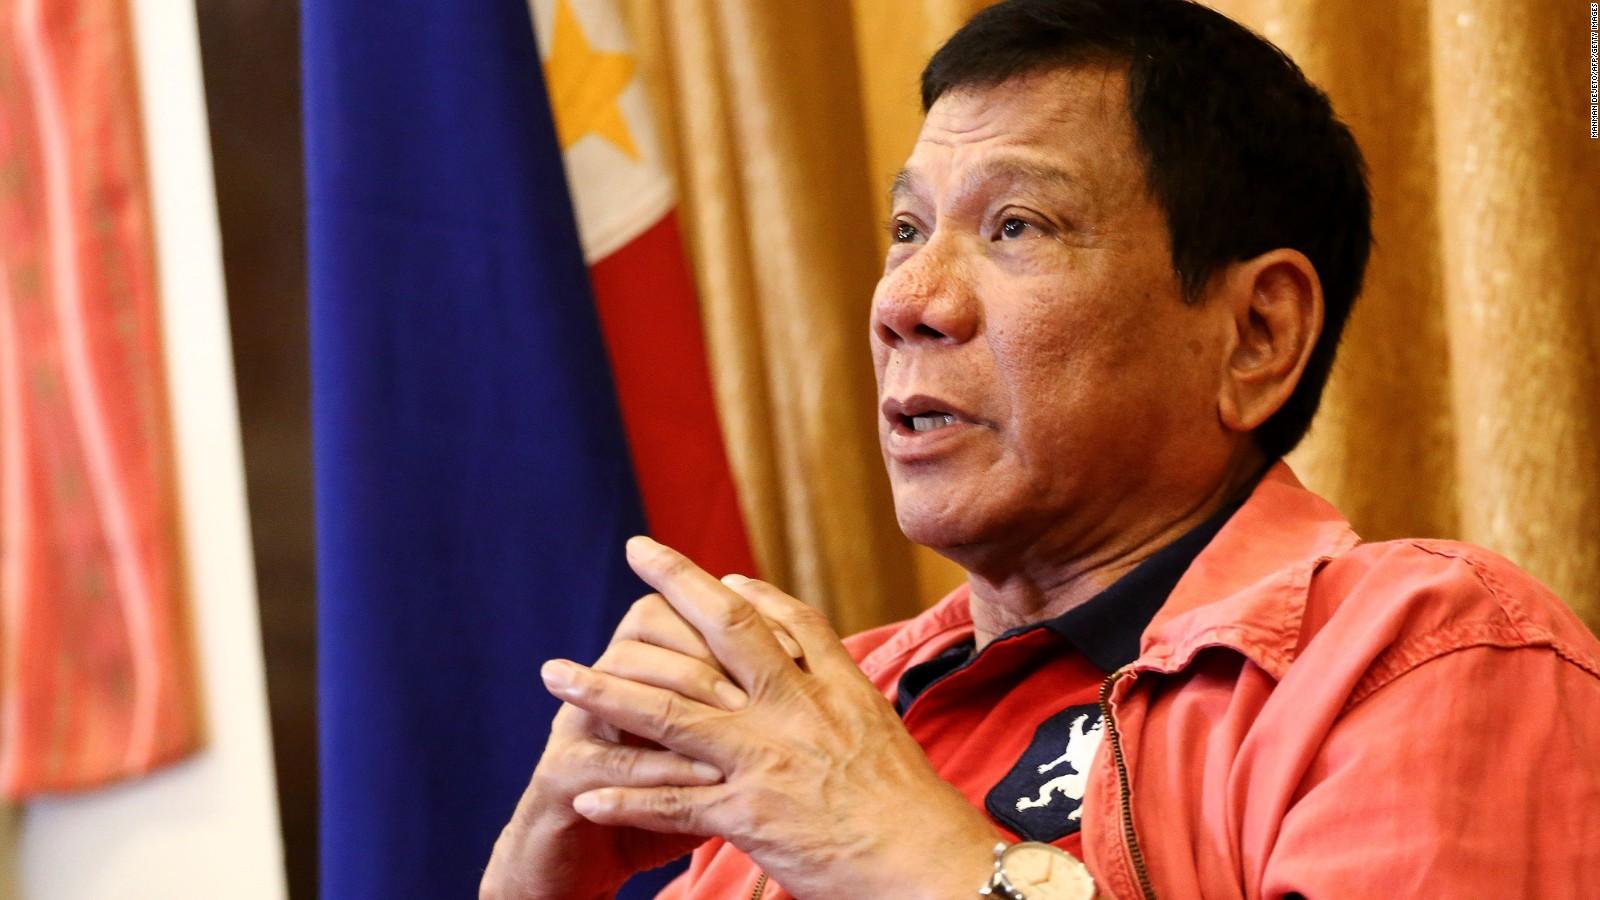 Philippines President Rodrigo Duterte insults US ambassador 1600x900